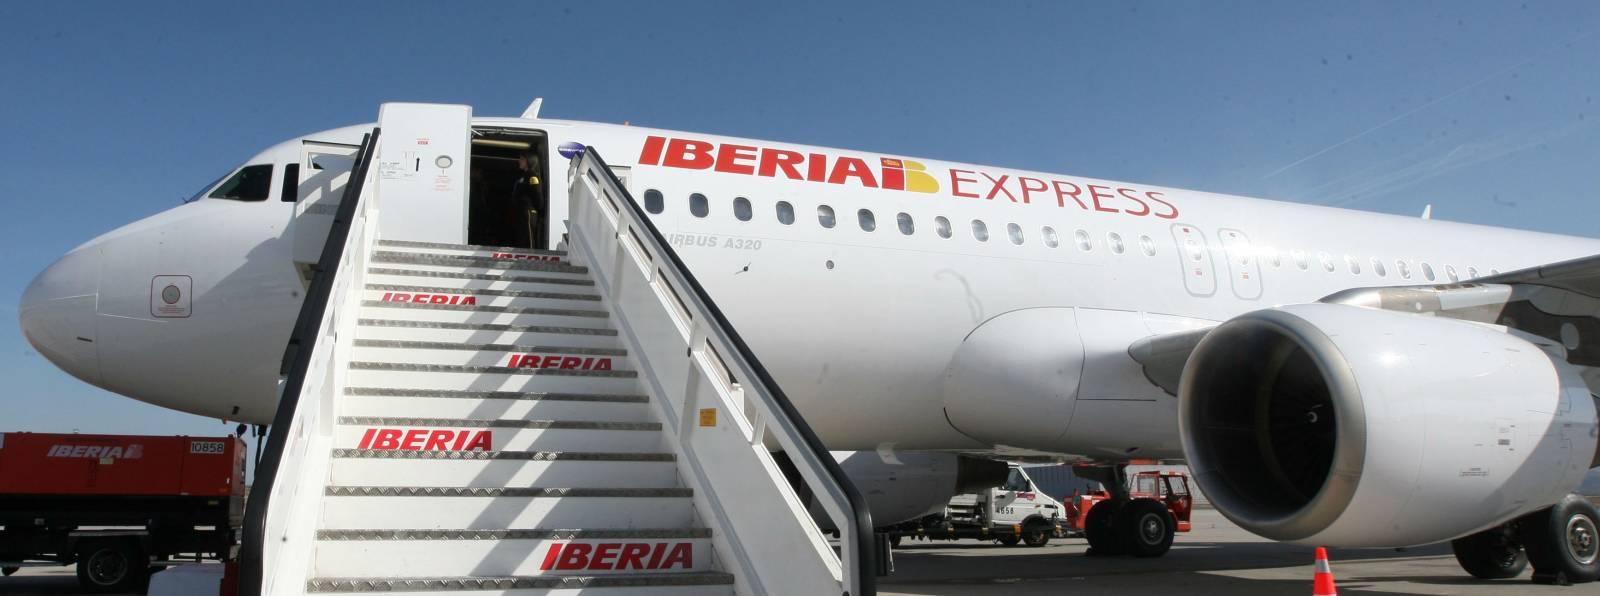 Pilotos Iberia Express un Avión de Iberia Express